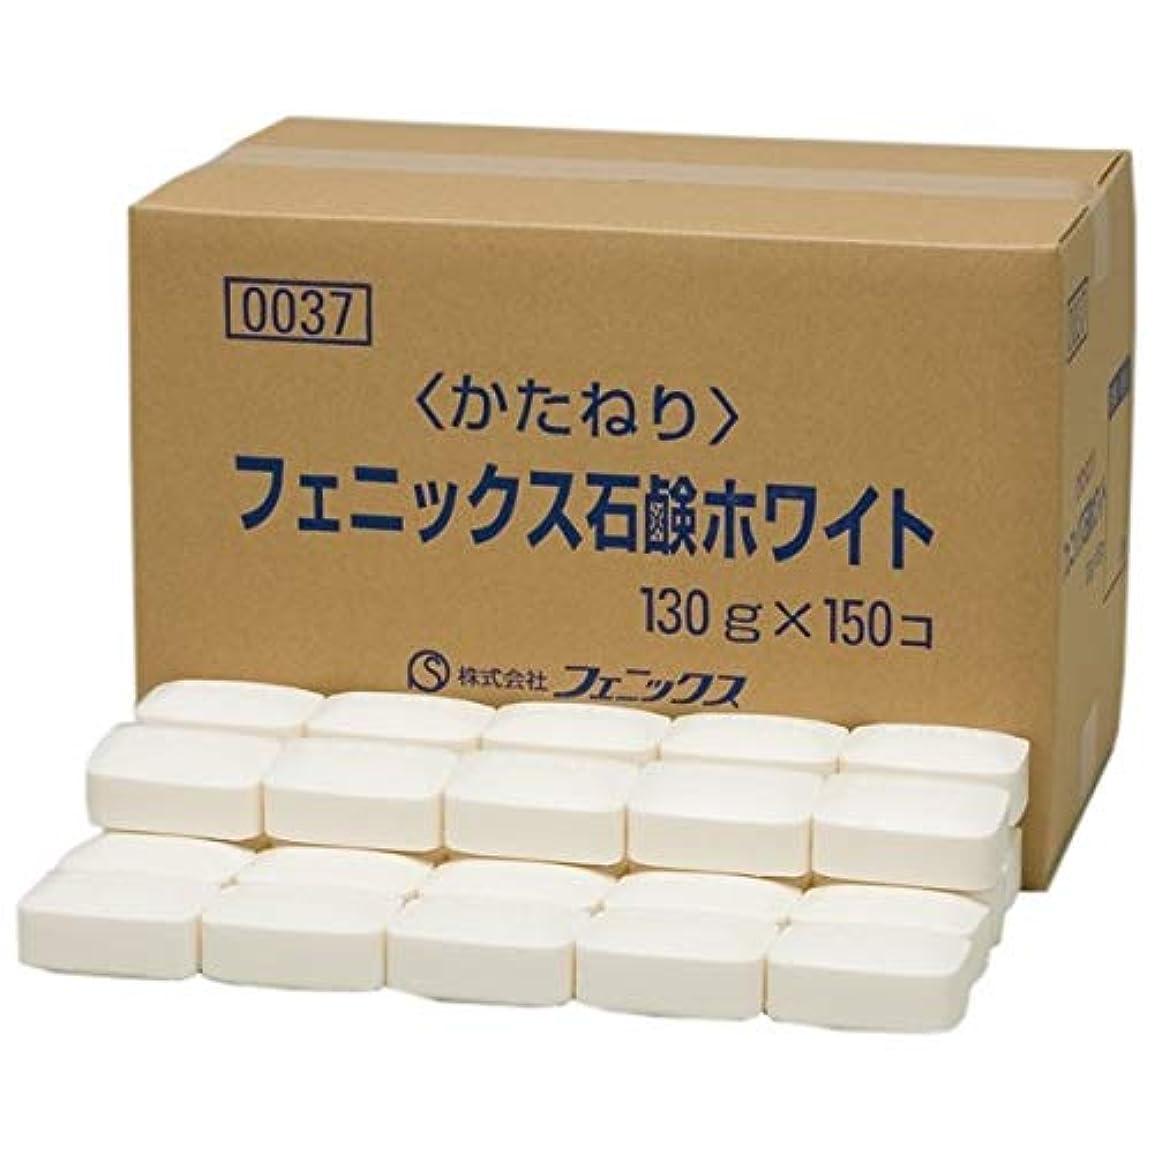 どっち指令シャンプーフェニックスホワイト石鹸 130g×150個入